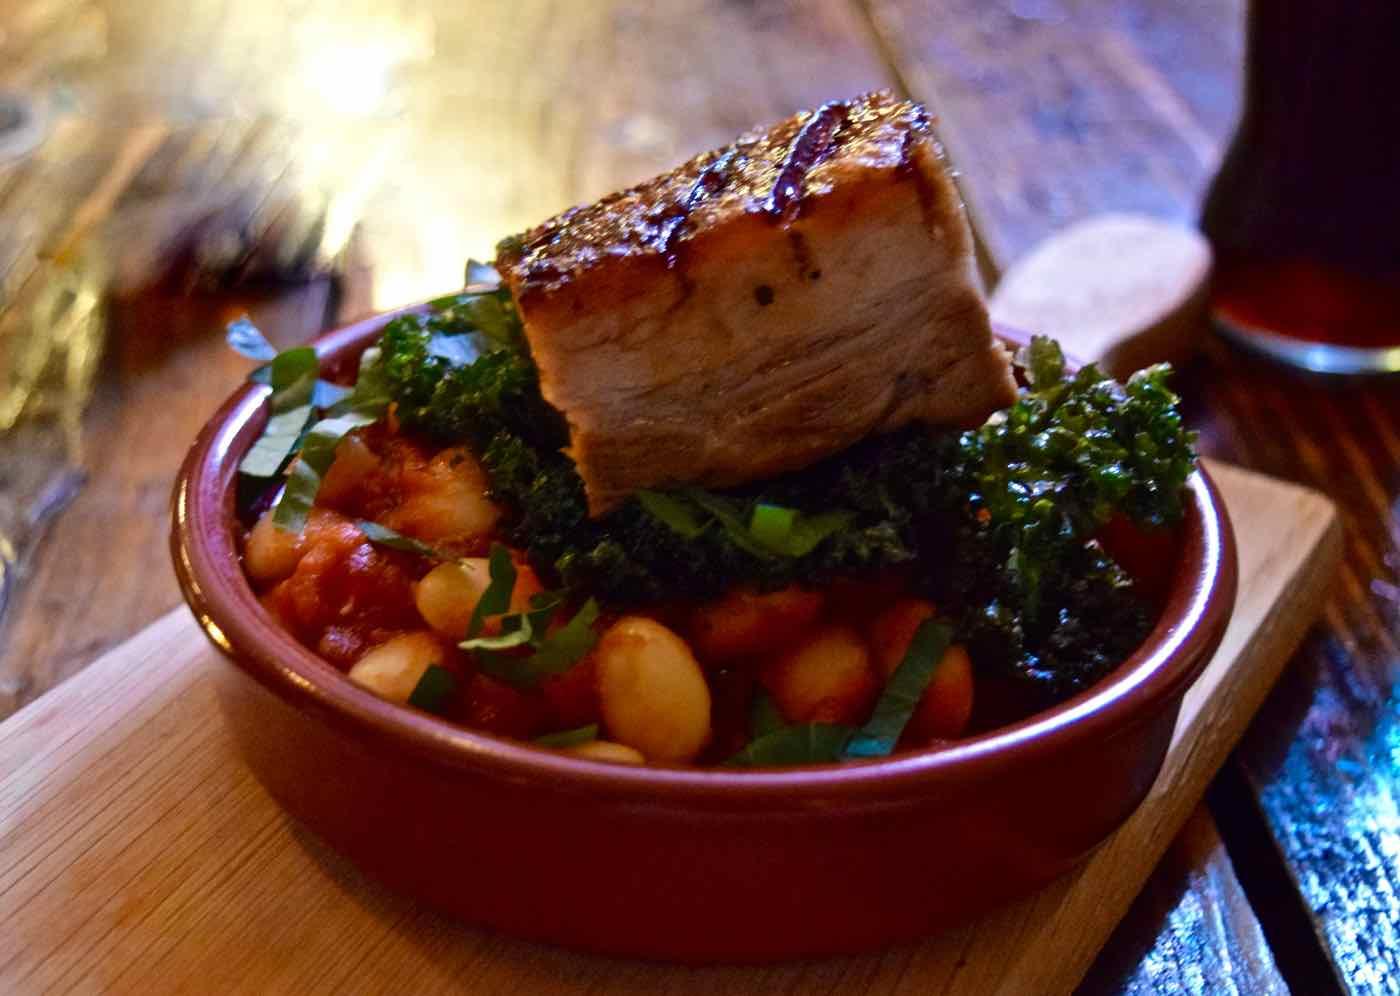 Pork belly and butter bean stew at Junkyard Restaurant, Nottingham